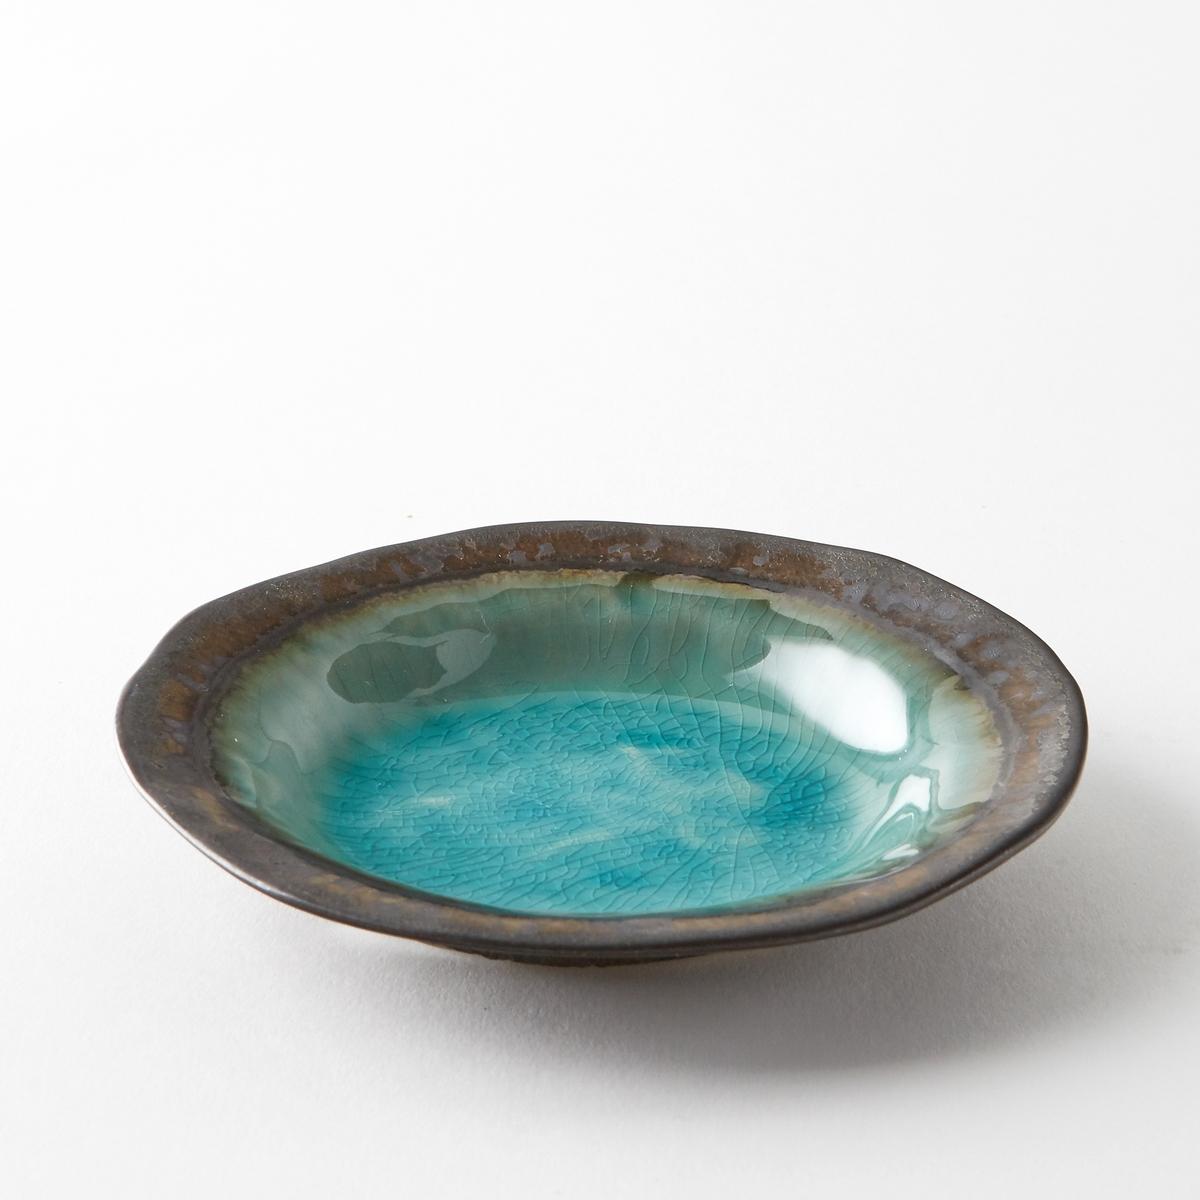 Чаша Altadill из эмалированной керамикиМыть в посудомоечной машине запрещено. .<br><br>Цвет: голубой бирюзовый